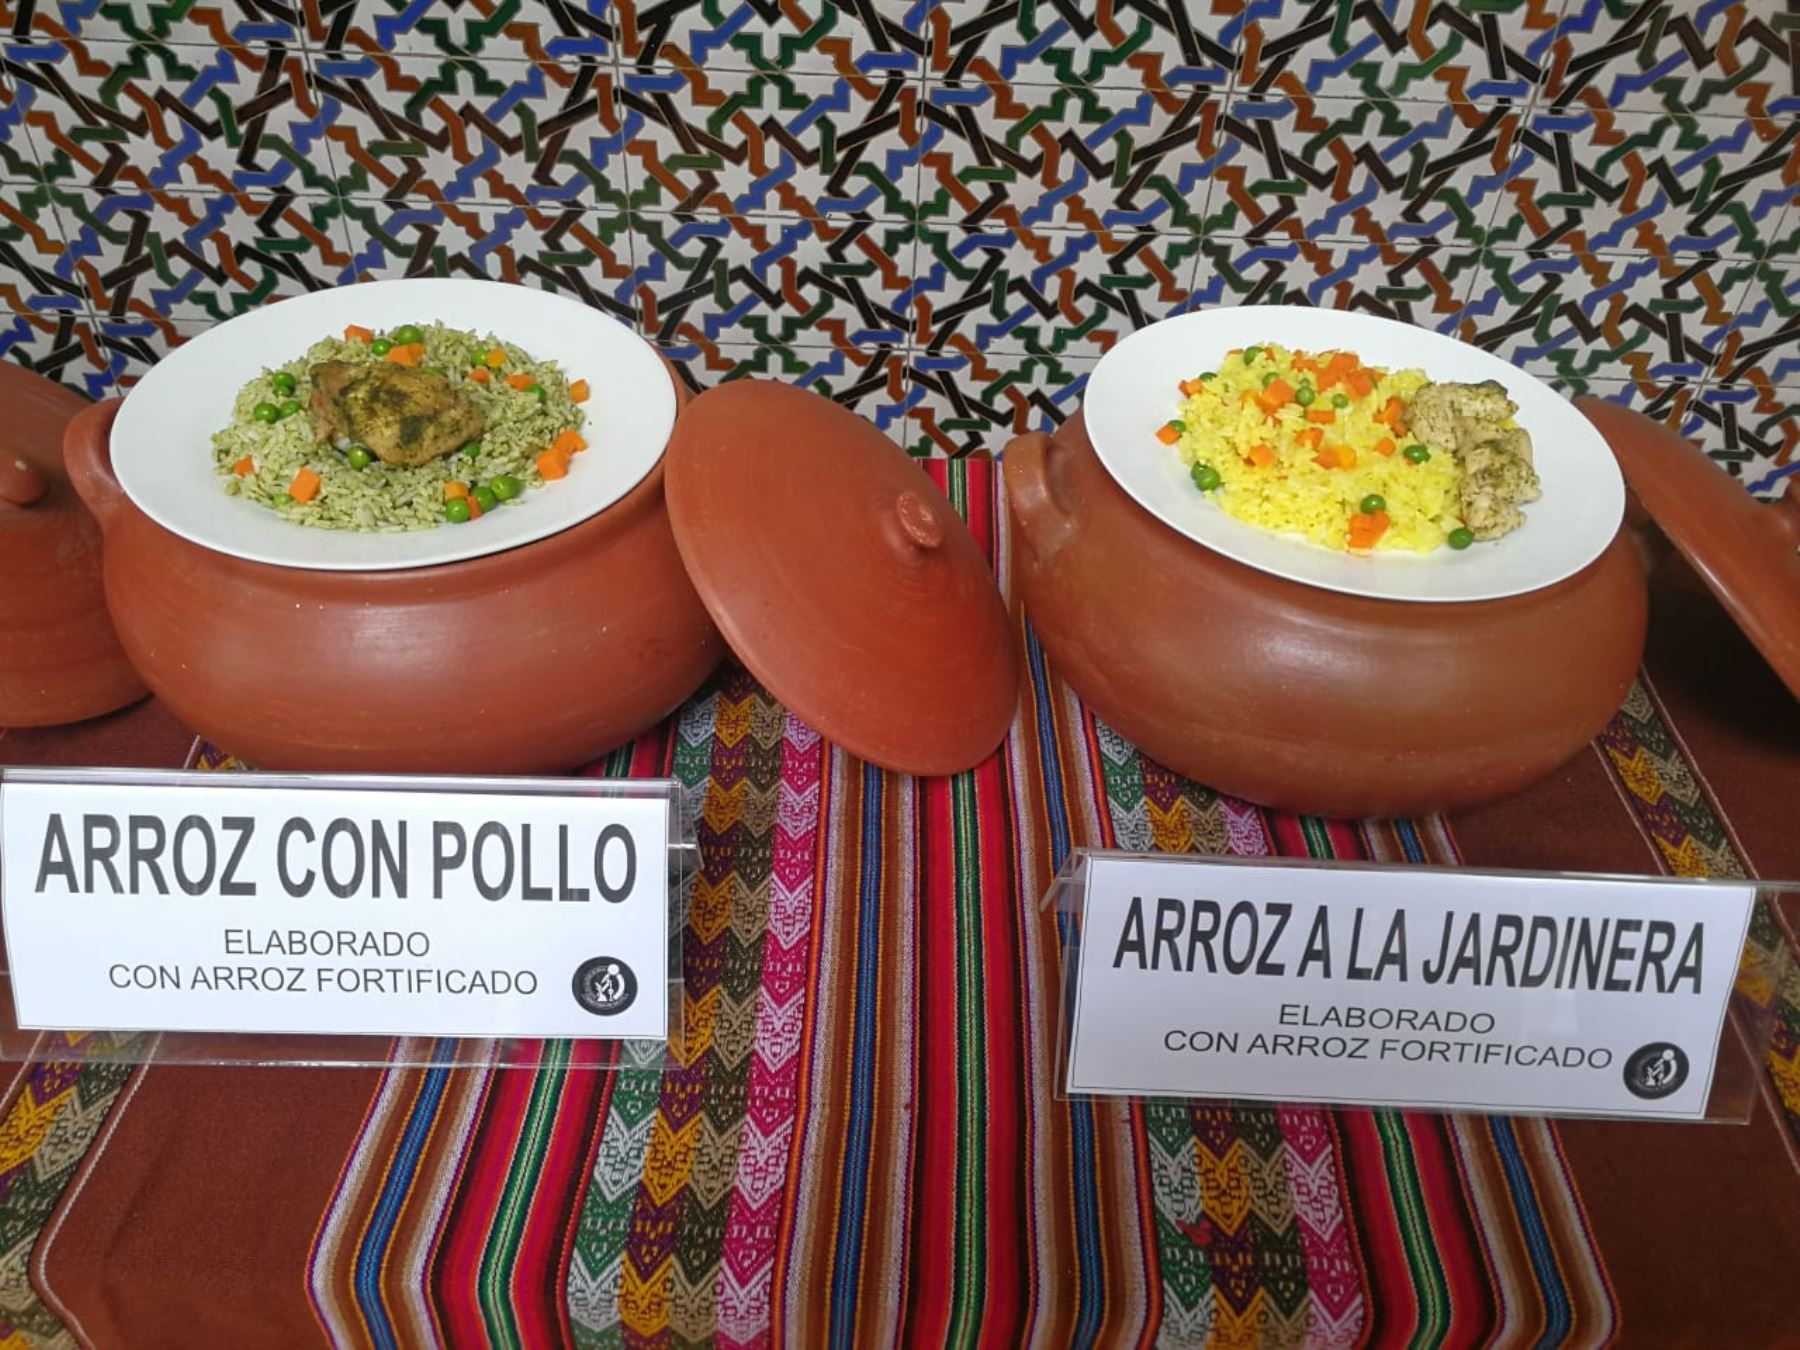 Este año la compra de este tipo de arroz es obligatoria para las entidades del Estado. Foto: Cortesía